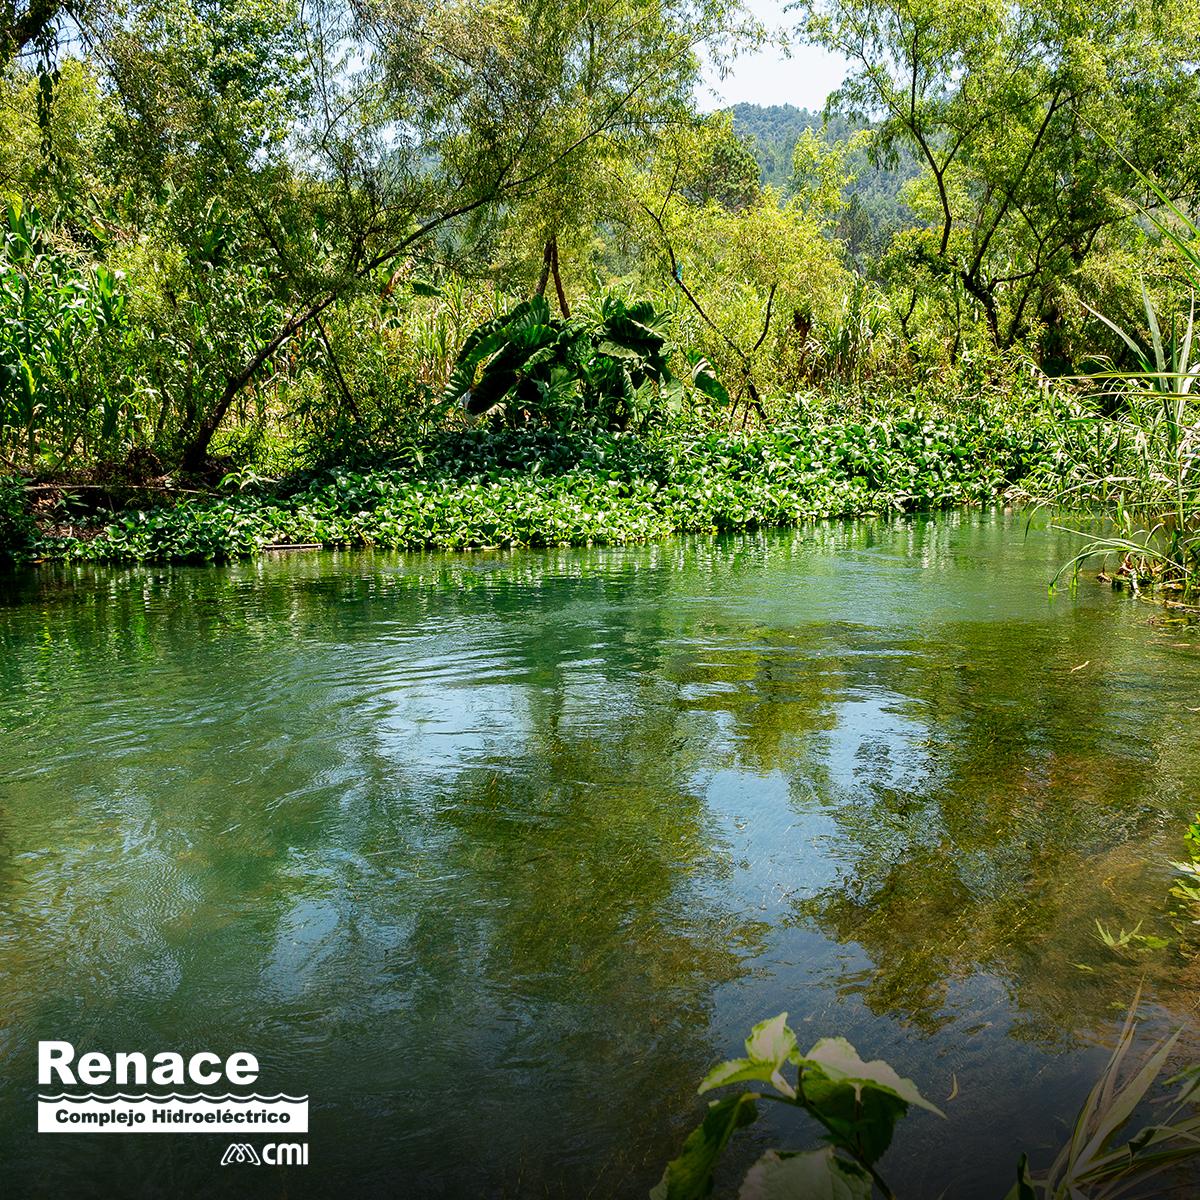 El desarrollo de la vida natural es garantizado por el agua del caudal ecológico, corriente del río que no pasa por la hidroeléctrica. ¿Sabías que Renace supera este compromiso en un 130%? #CompromisoAmbiental https://t.co/cKYdwyPPzU